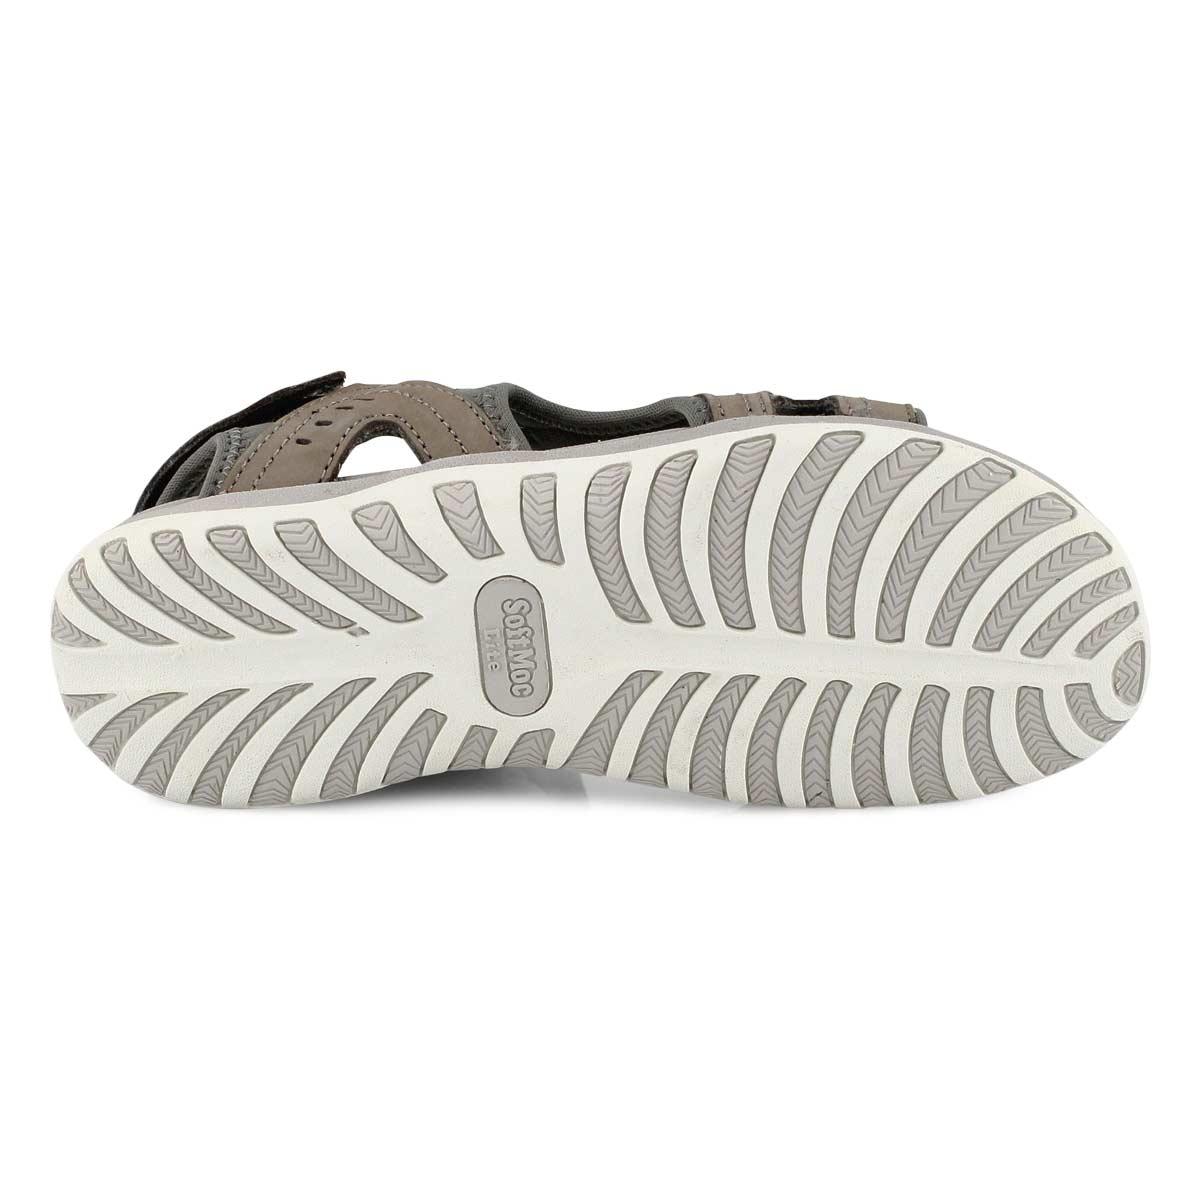 Lds Courtney 3 grey sport sandal